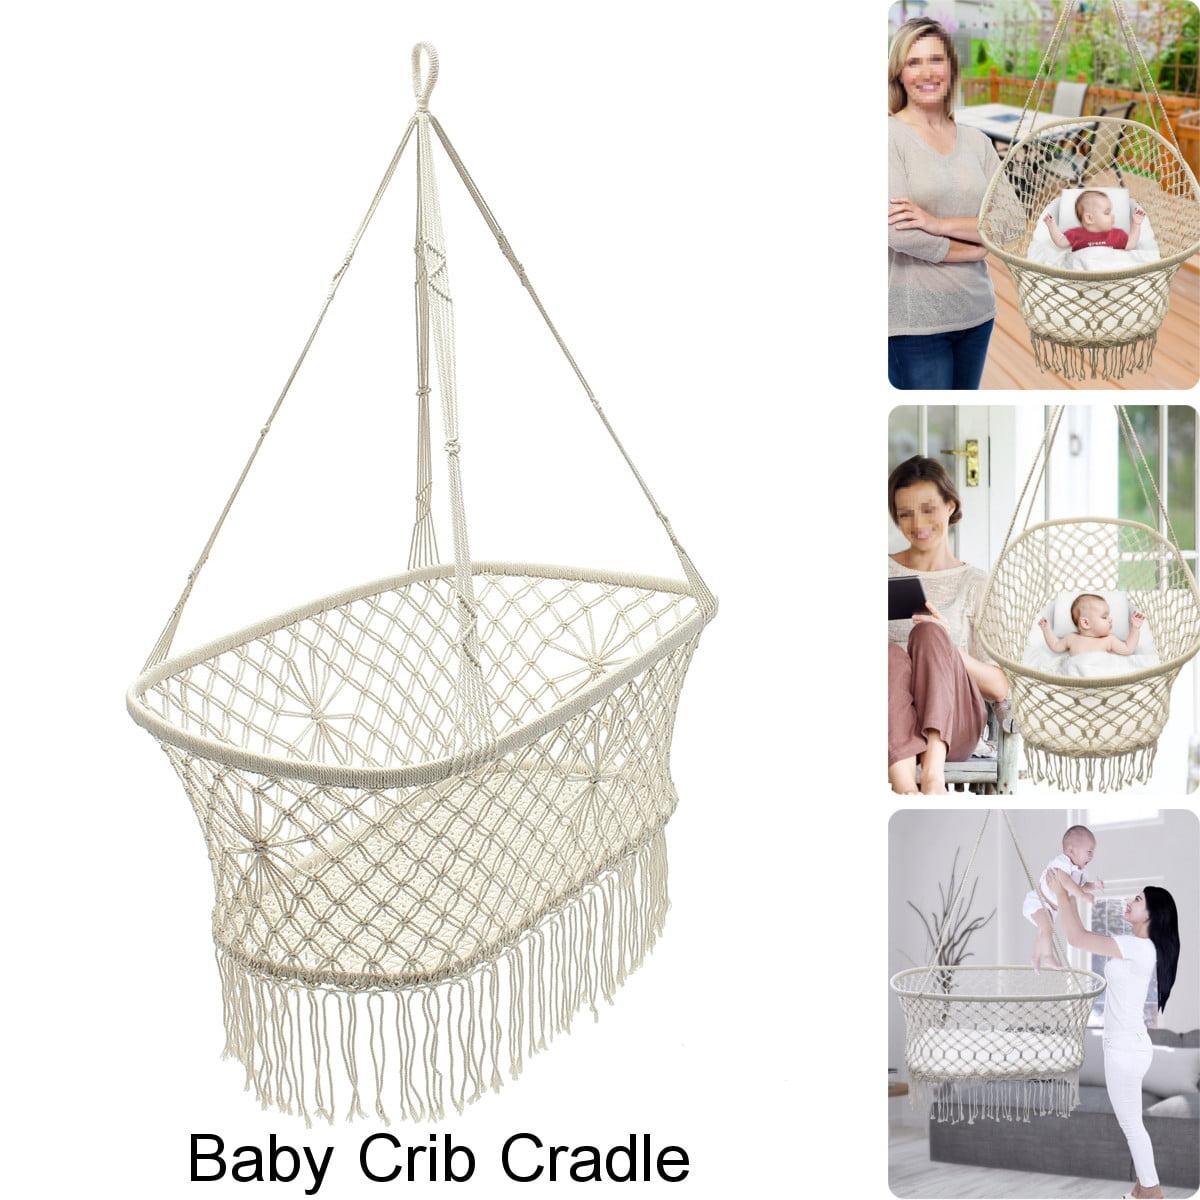 Hanging Rope Macrame Hammock Chair Swing Baby Nursery Bassinet Cradle Bed